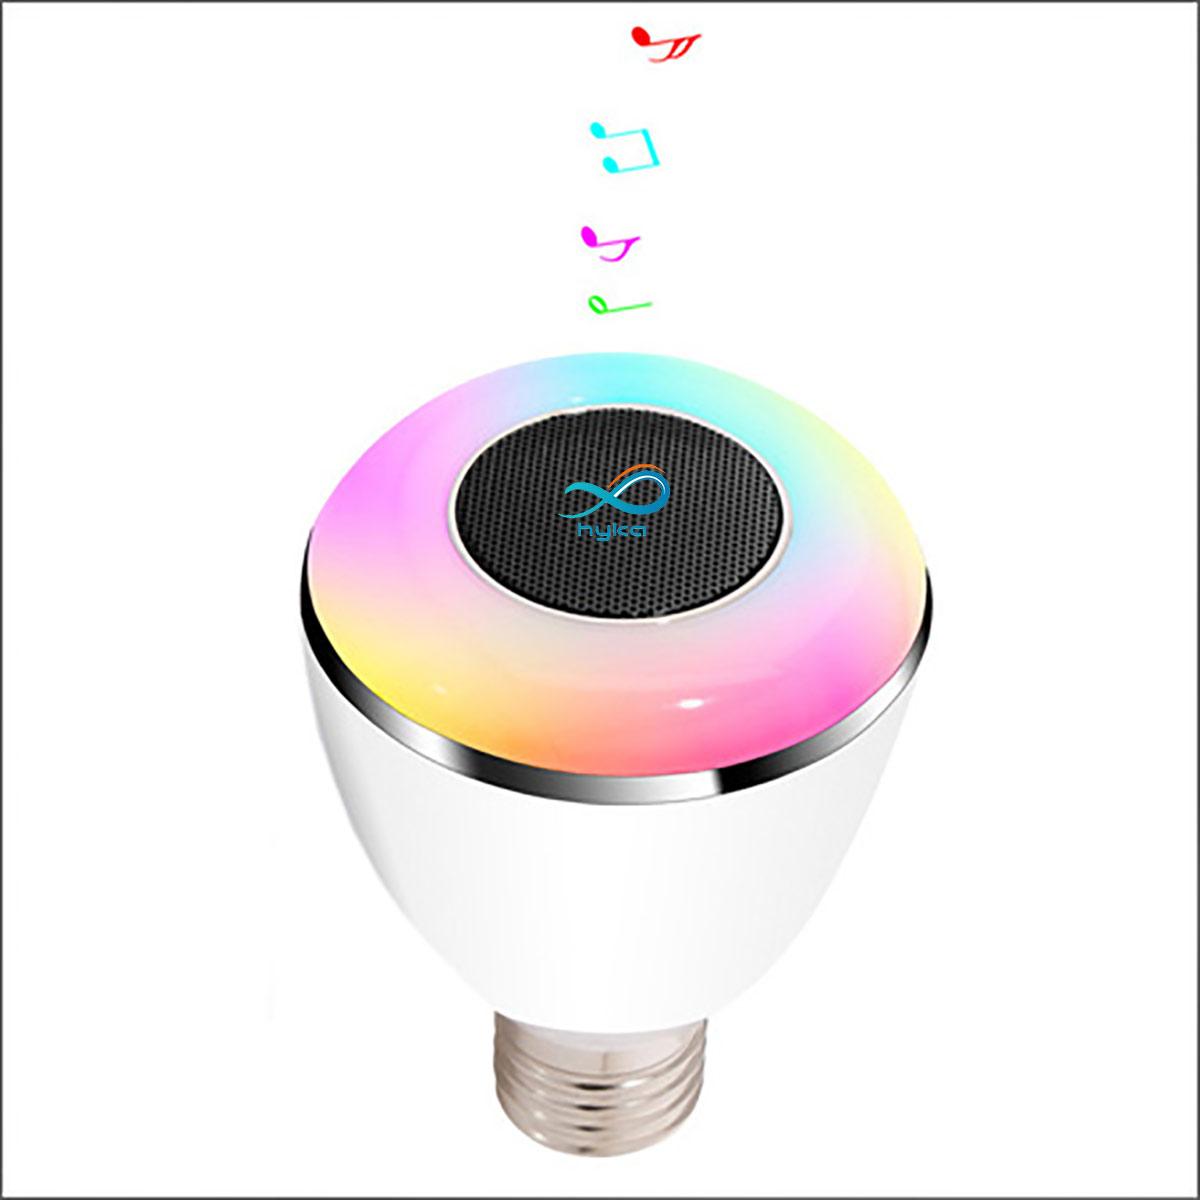 لامپ هوشمند موزیکال